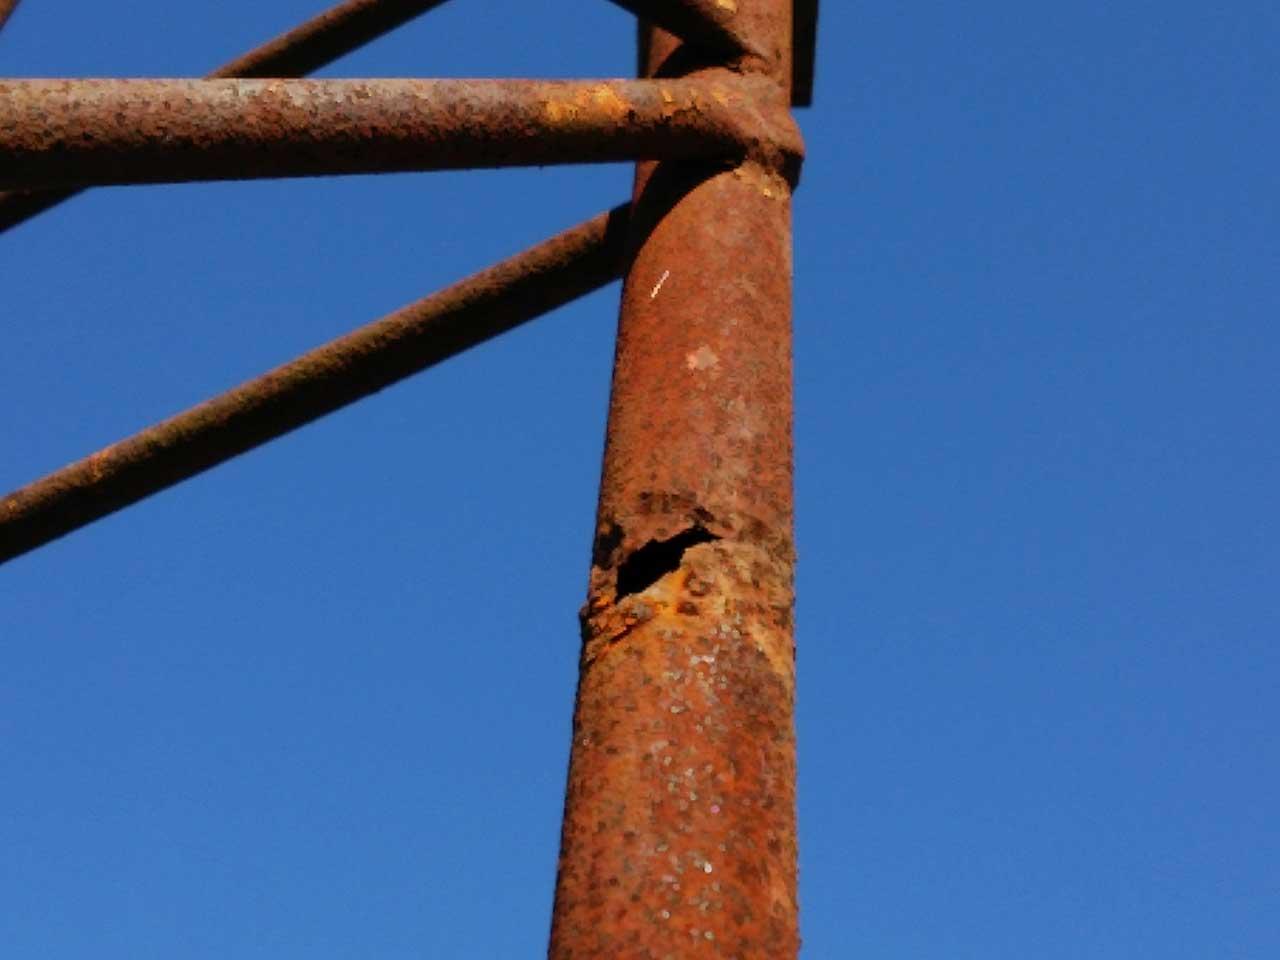 錆びて穴の空いてしまって危険な鉄塔